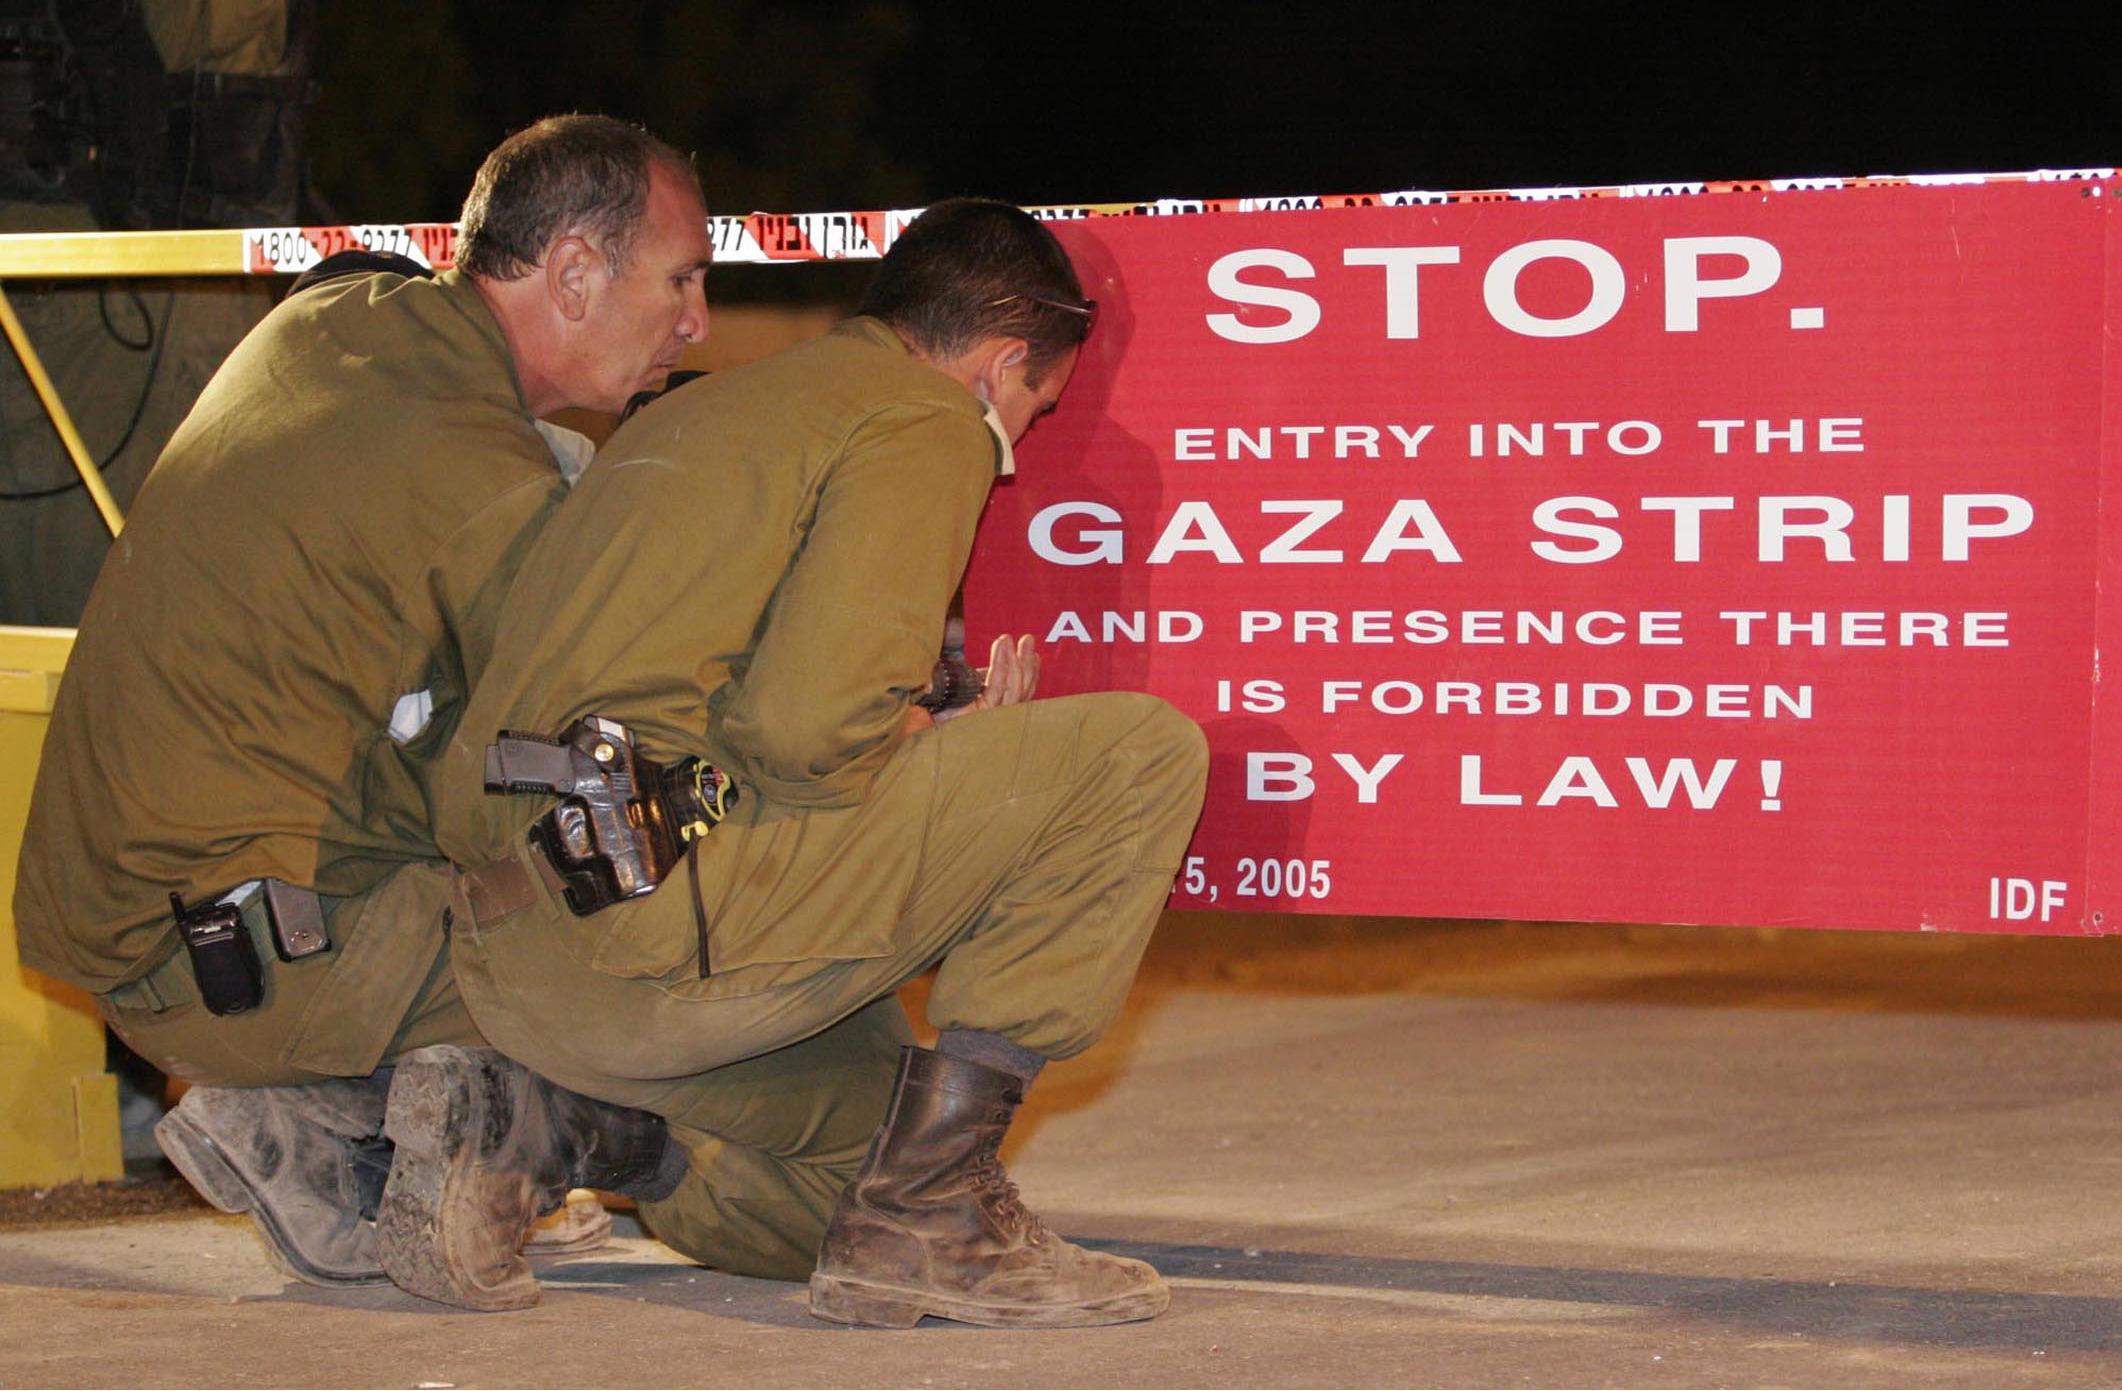 """15/08/2005 סגירת כוחות צה""""ל ומשטרת ישראל את מחסום כיסופים הלילה לכניסת אזרחים, על פי צו ראש הממשלה ושר הביטחון, מכוח סעיף 22א בחוק """"יישום תכנית ההנתקות תשס""""ה 2005"""". צילום: דובר צה""""ל photo by : IDF Spokesperson"""